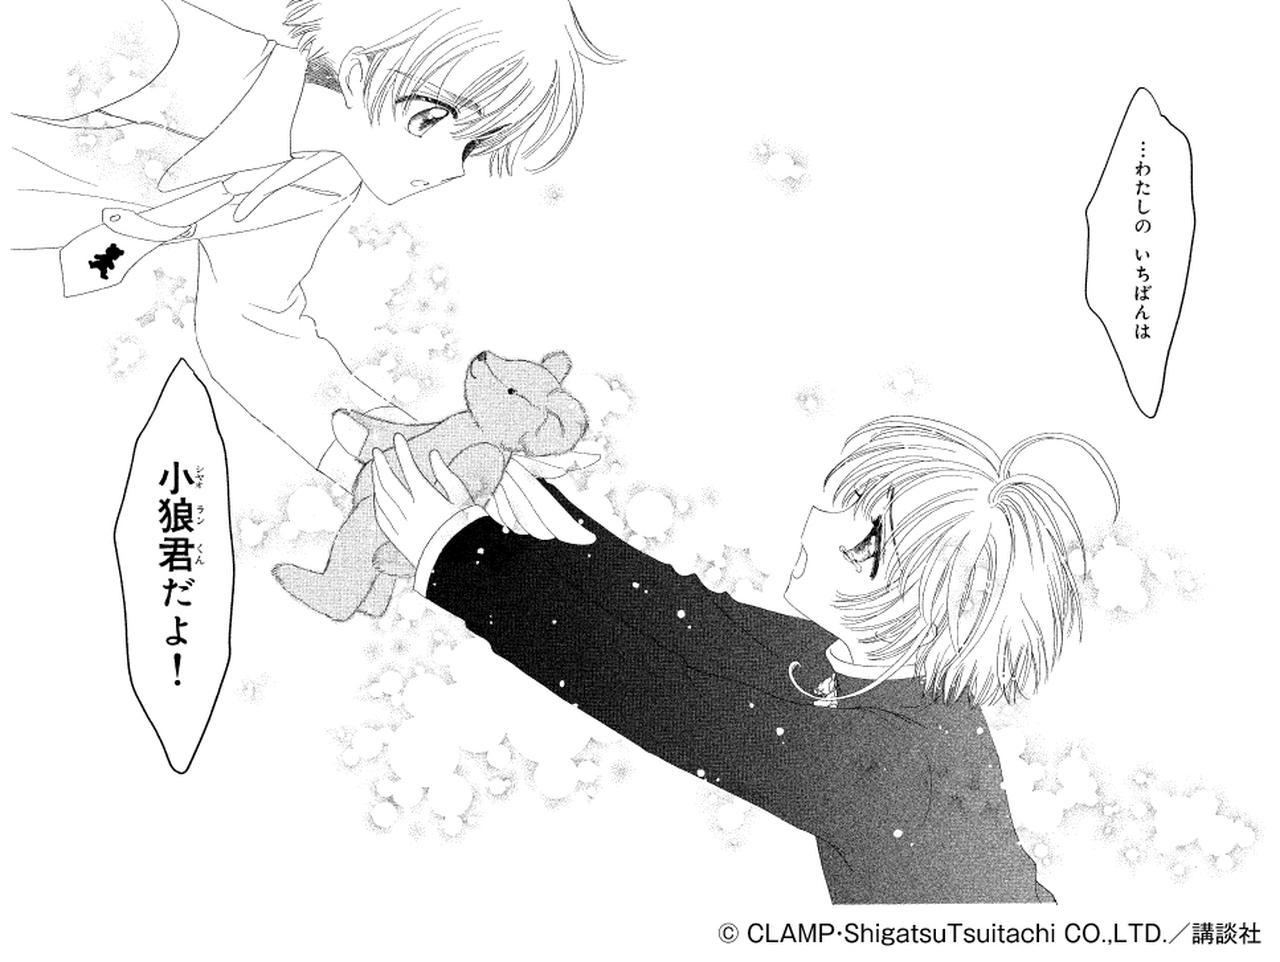 画像8: ©CLAMP・ShigatsuTsuitachi CO.,LTD./講談社 ©CLAMP・ShigatsuTsuitachi CO.,LTD./カードキャプターさくら展製作委員会